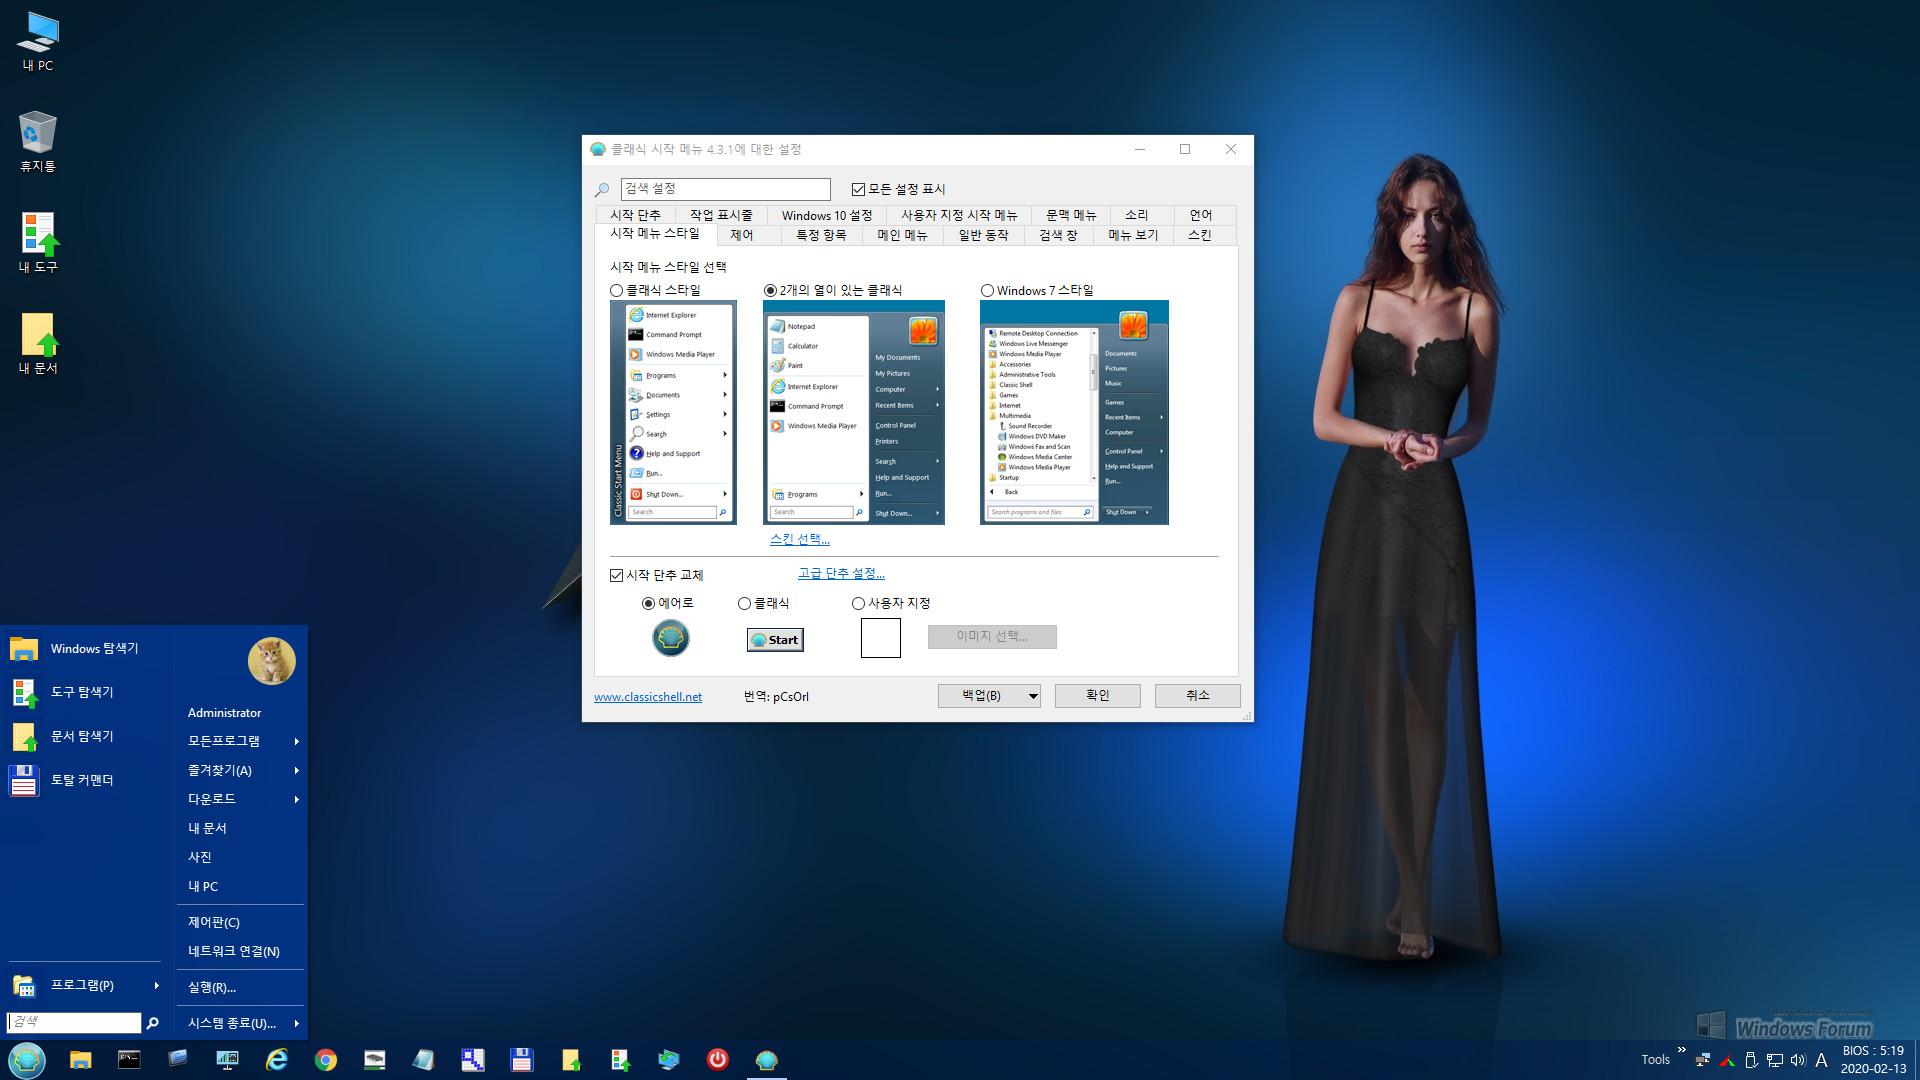 Win10XPE24_x64_18363.387_0005.jpg